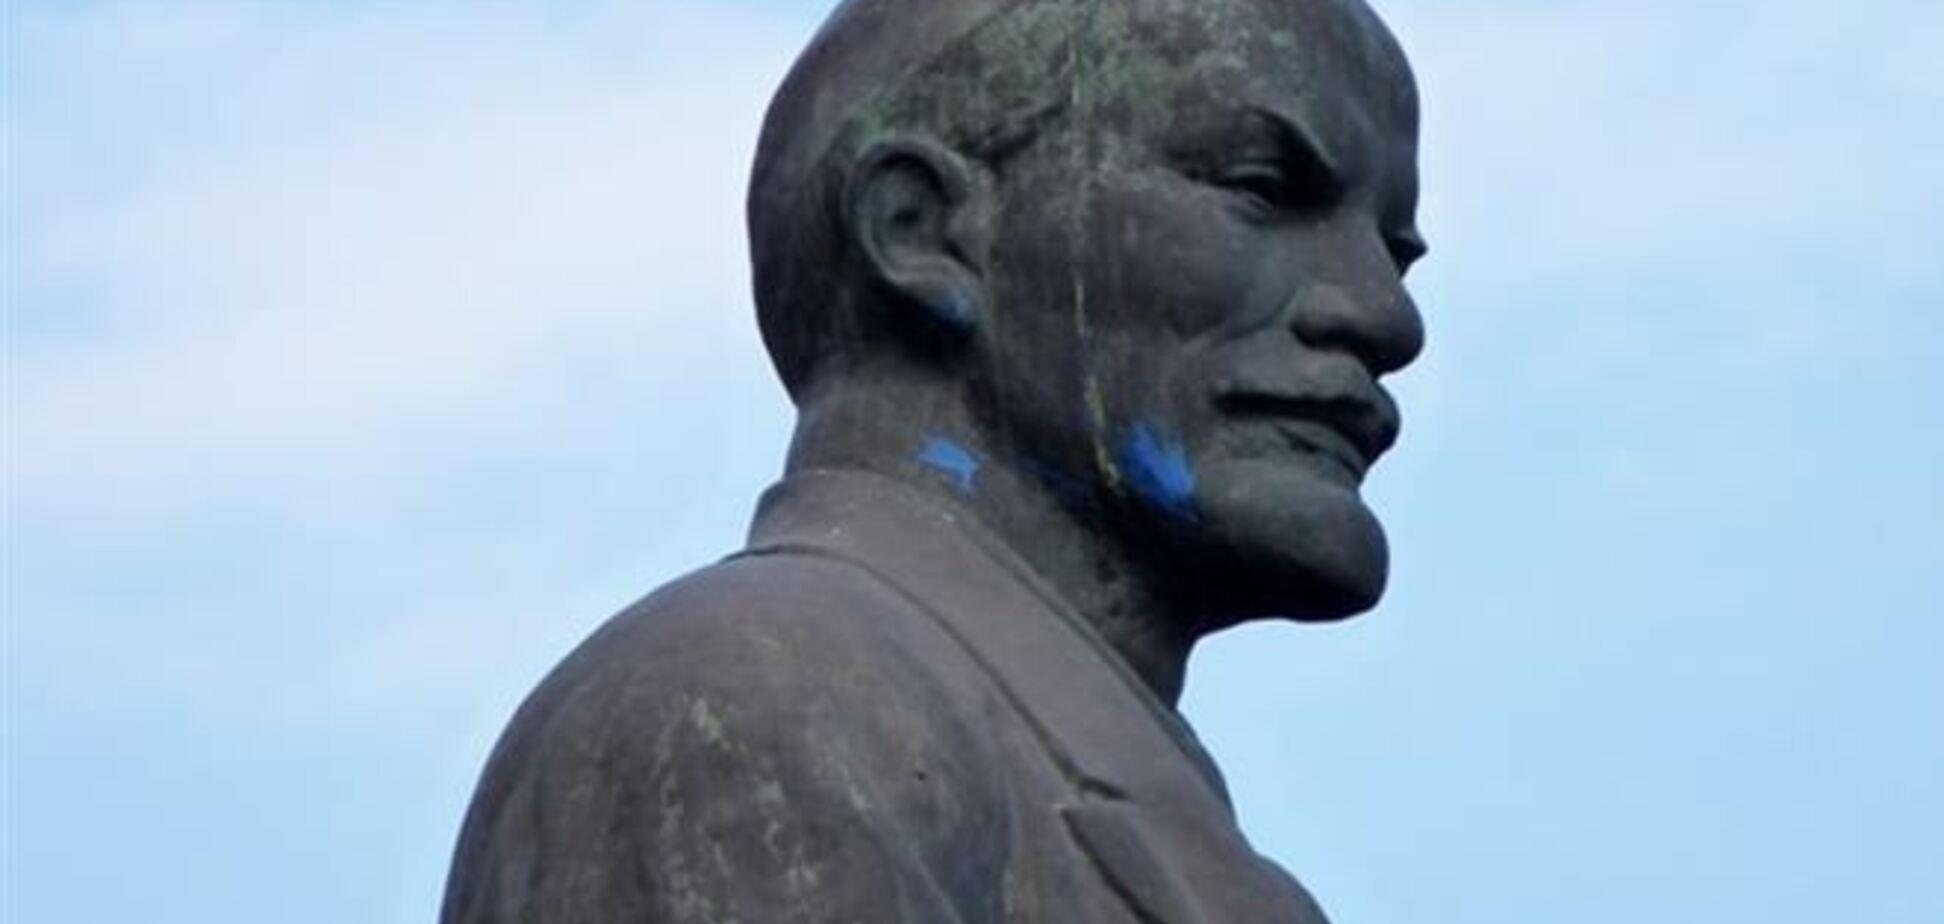 В Днепродзержинске вандалы оторвали Ленину нос